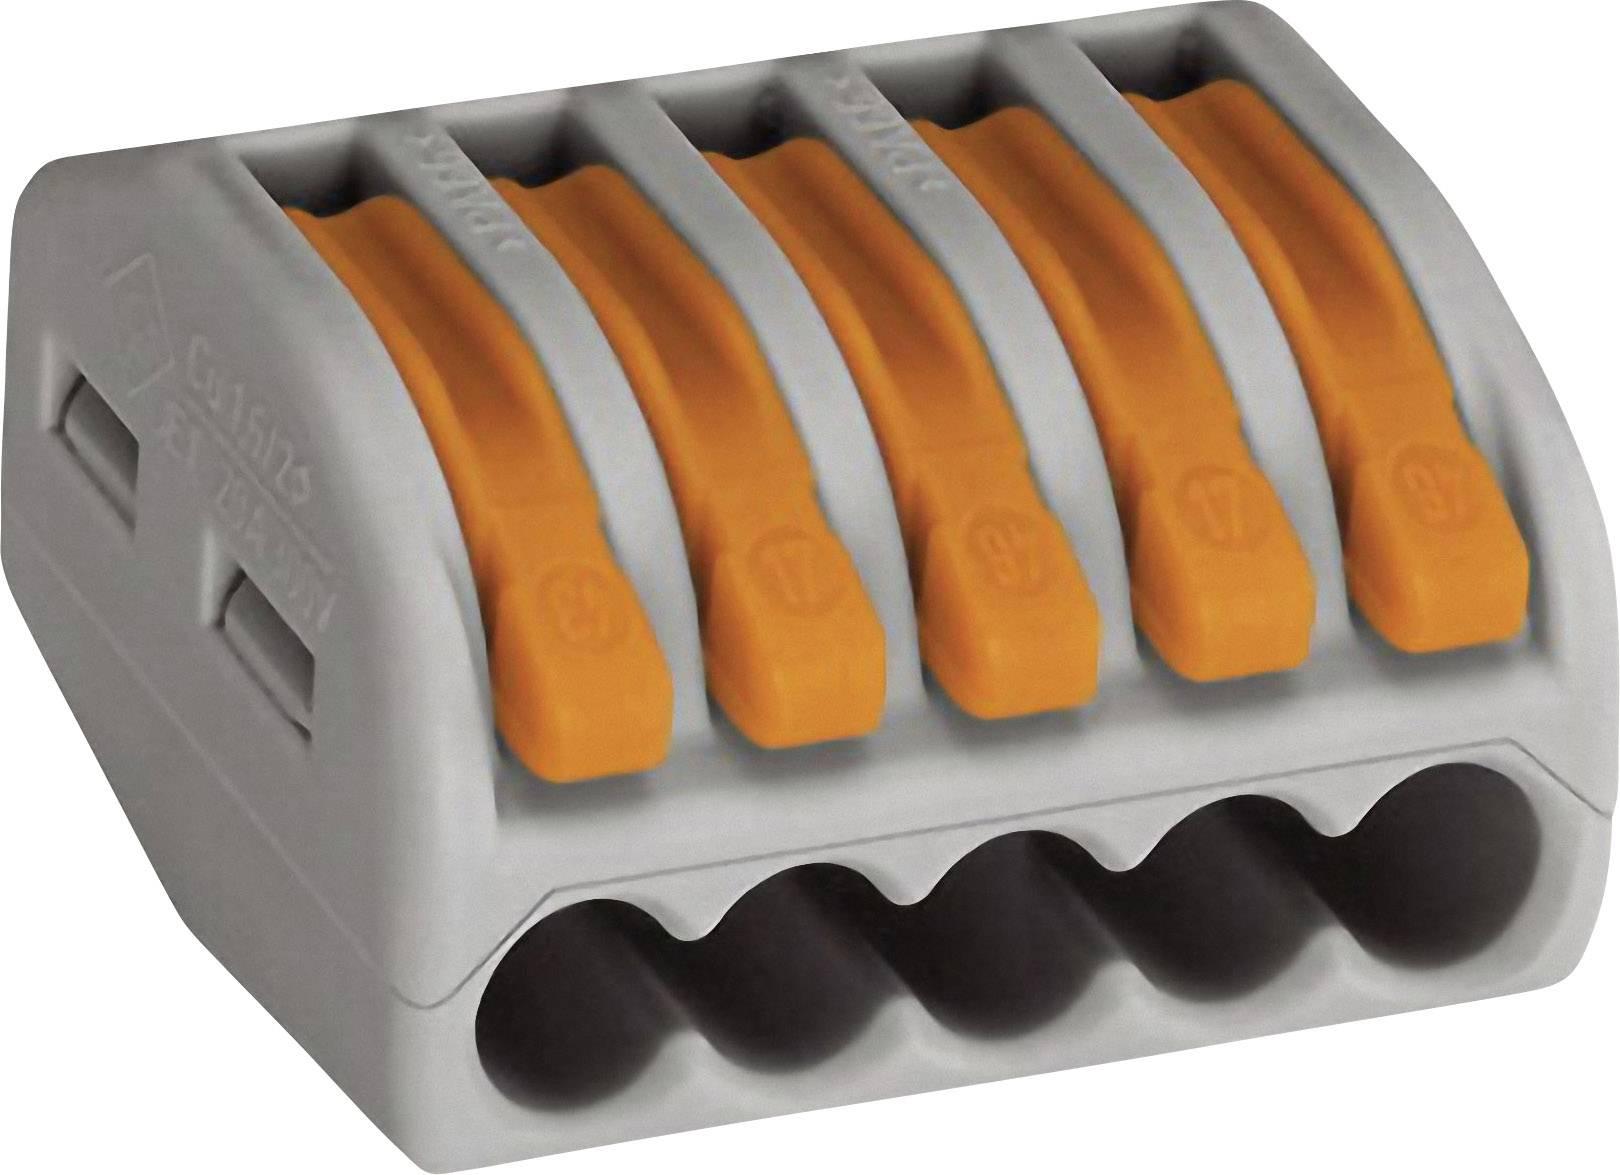 Krabicová svorkovnica WAGO 222 222-415 na kábel s rozmerom 0.08-4 mm², tuhosť 0.08-2.5 mm², počet pinov 5, 40 ks, sivá, oranžová